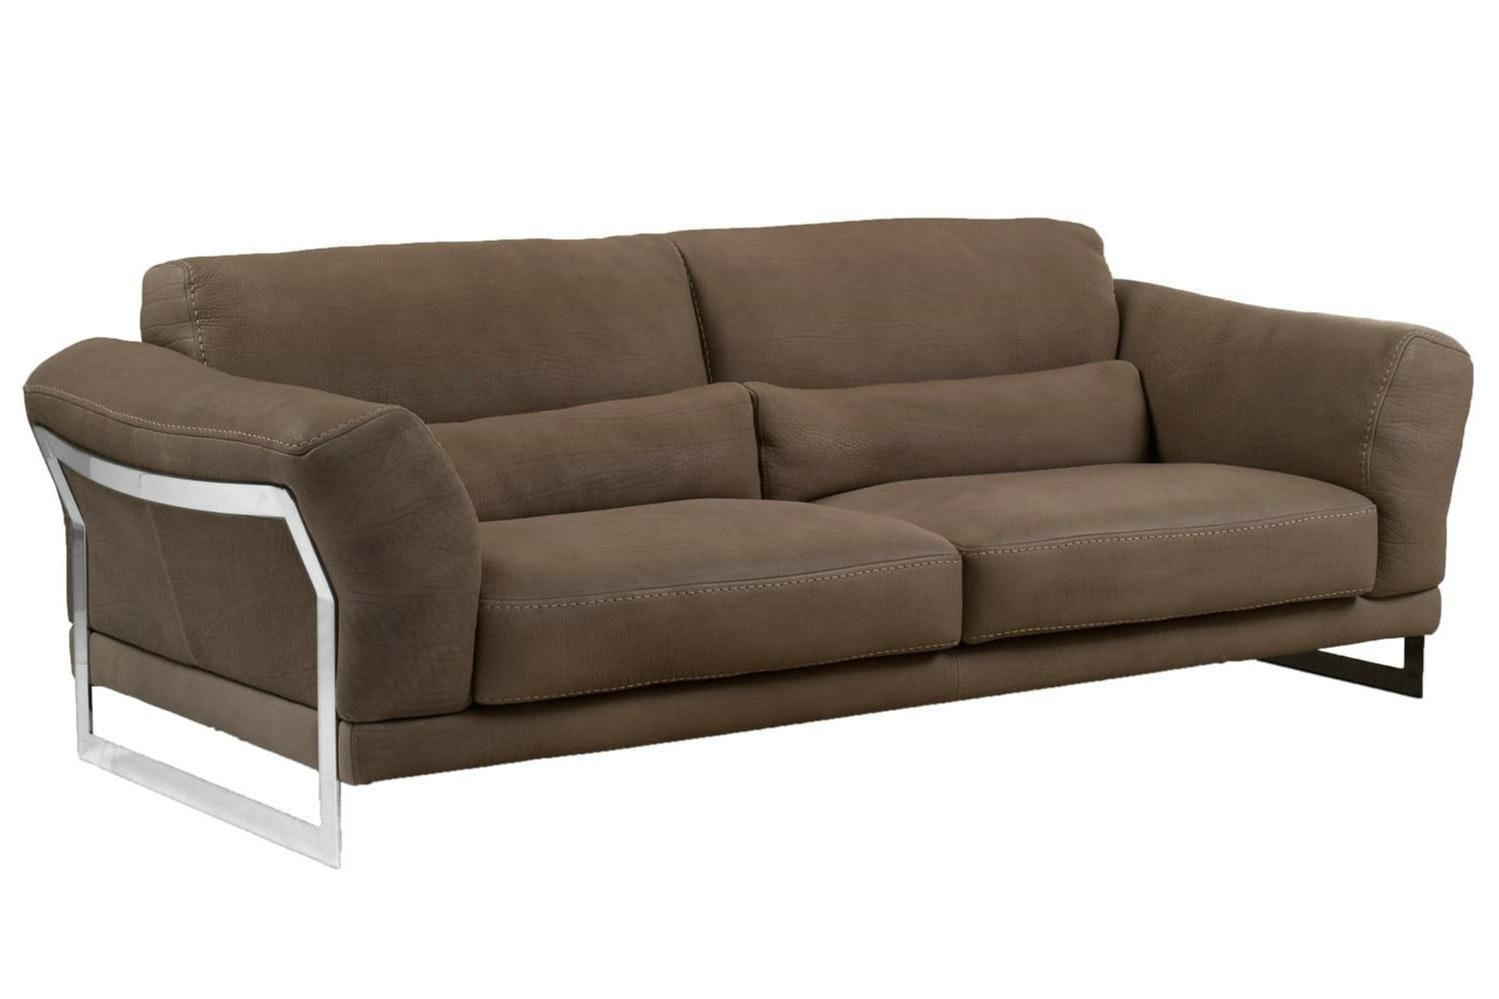 Giotto 2 Seater Sofa